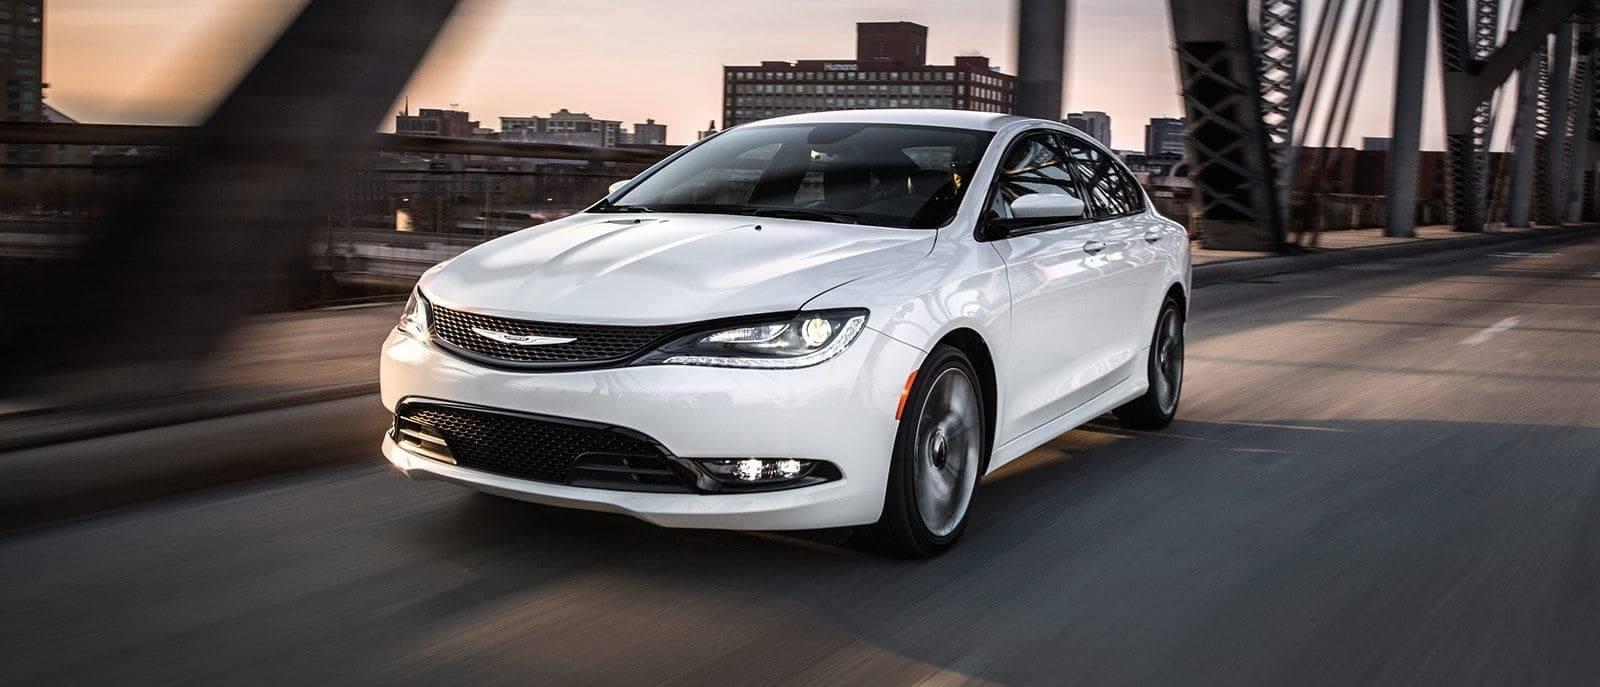 New Chrysler 200 Sedan